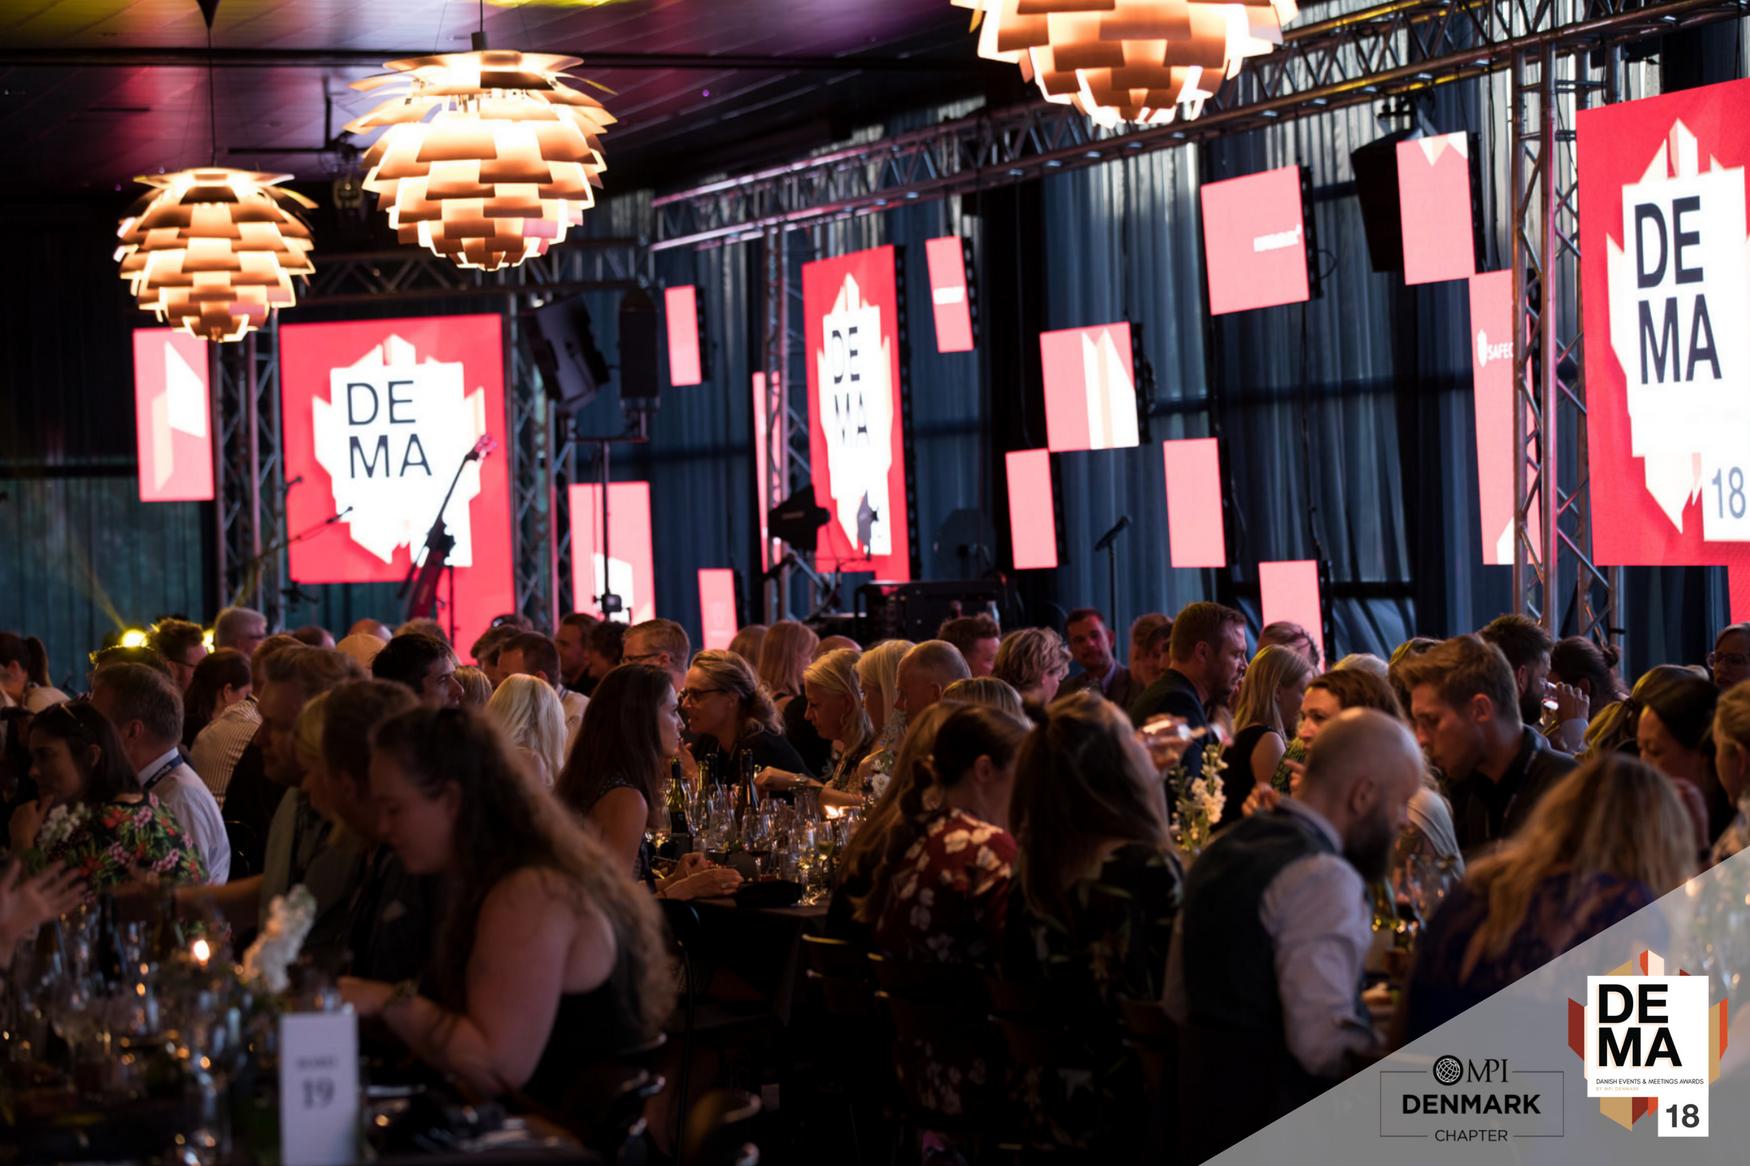 DEMA18 blev afholdt med 240 deltagere på Langelinie Pavillonen i København. Foto: DEMA